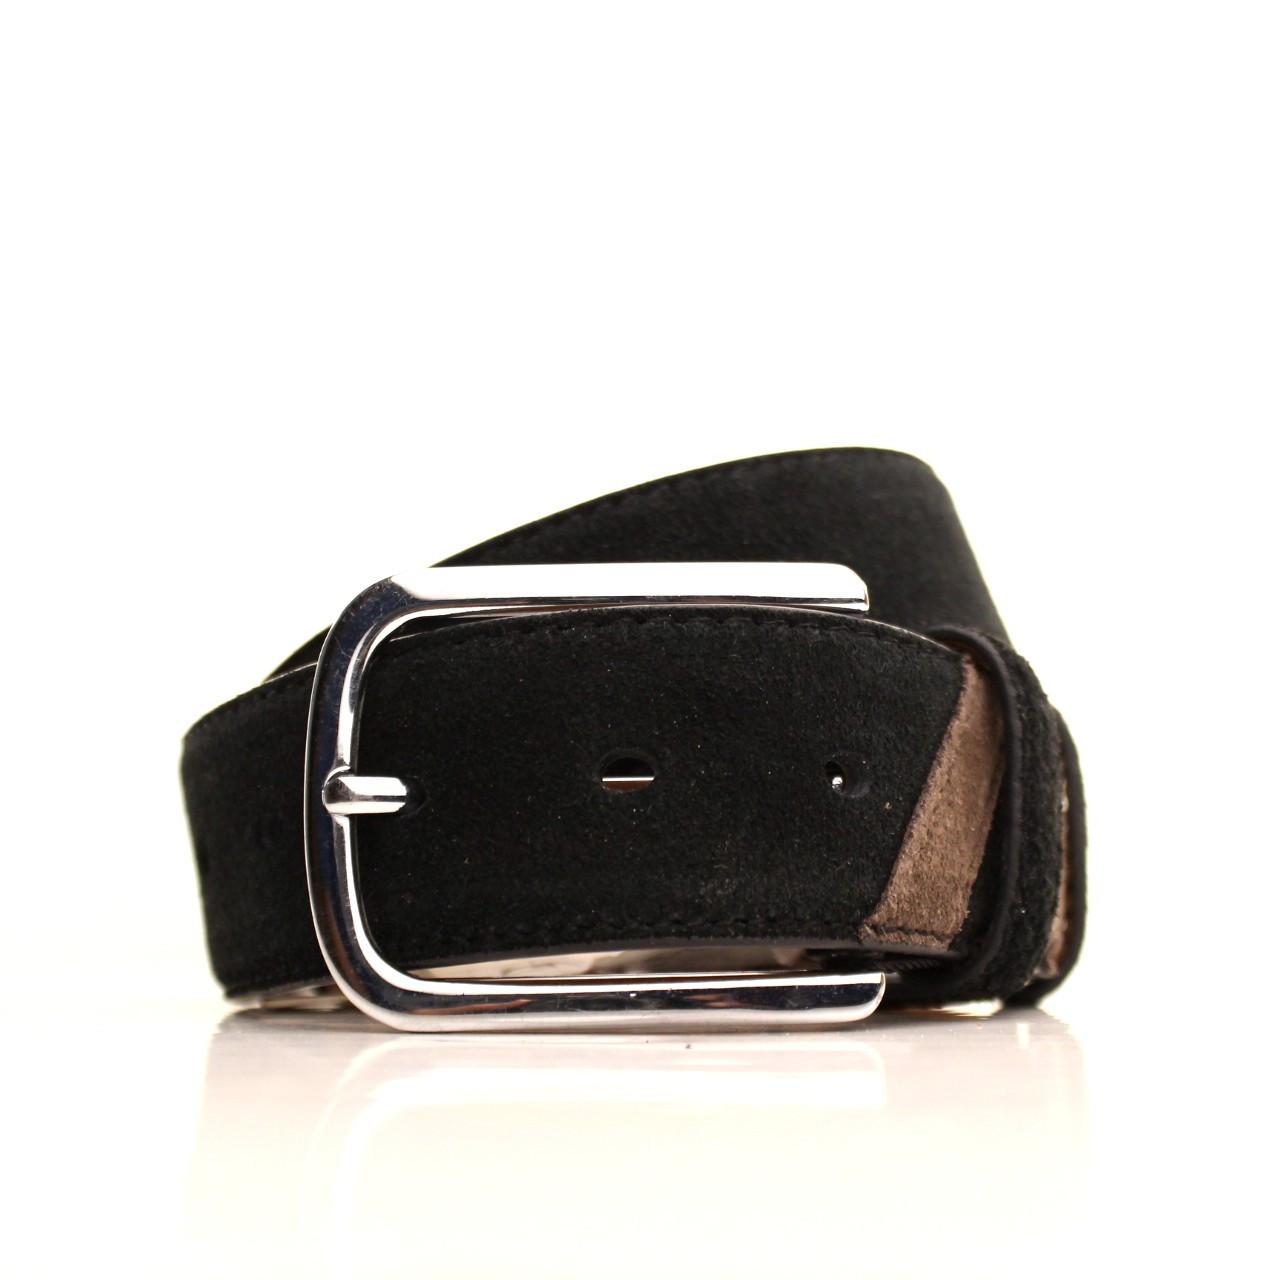 Ремень кожаный Alon 120-125 см черный l40a1w5